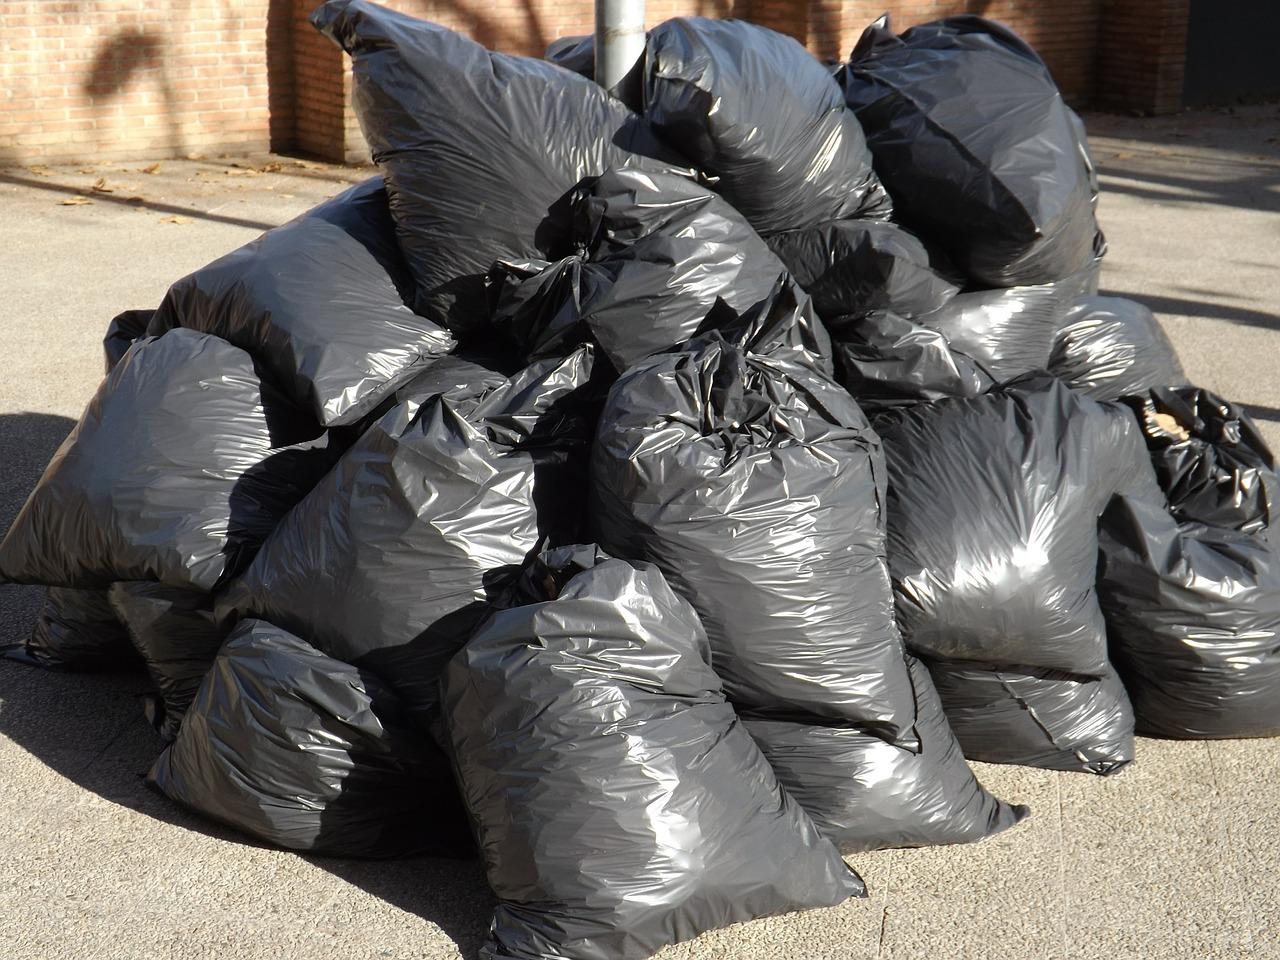 Plastiques noirs & polluants